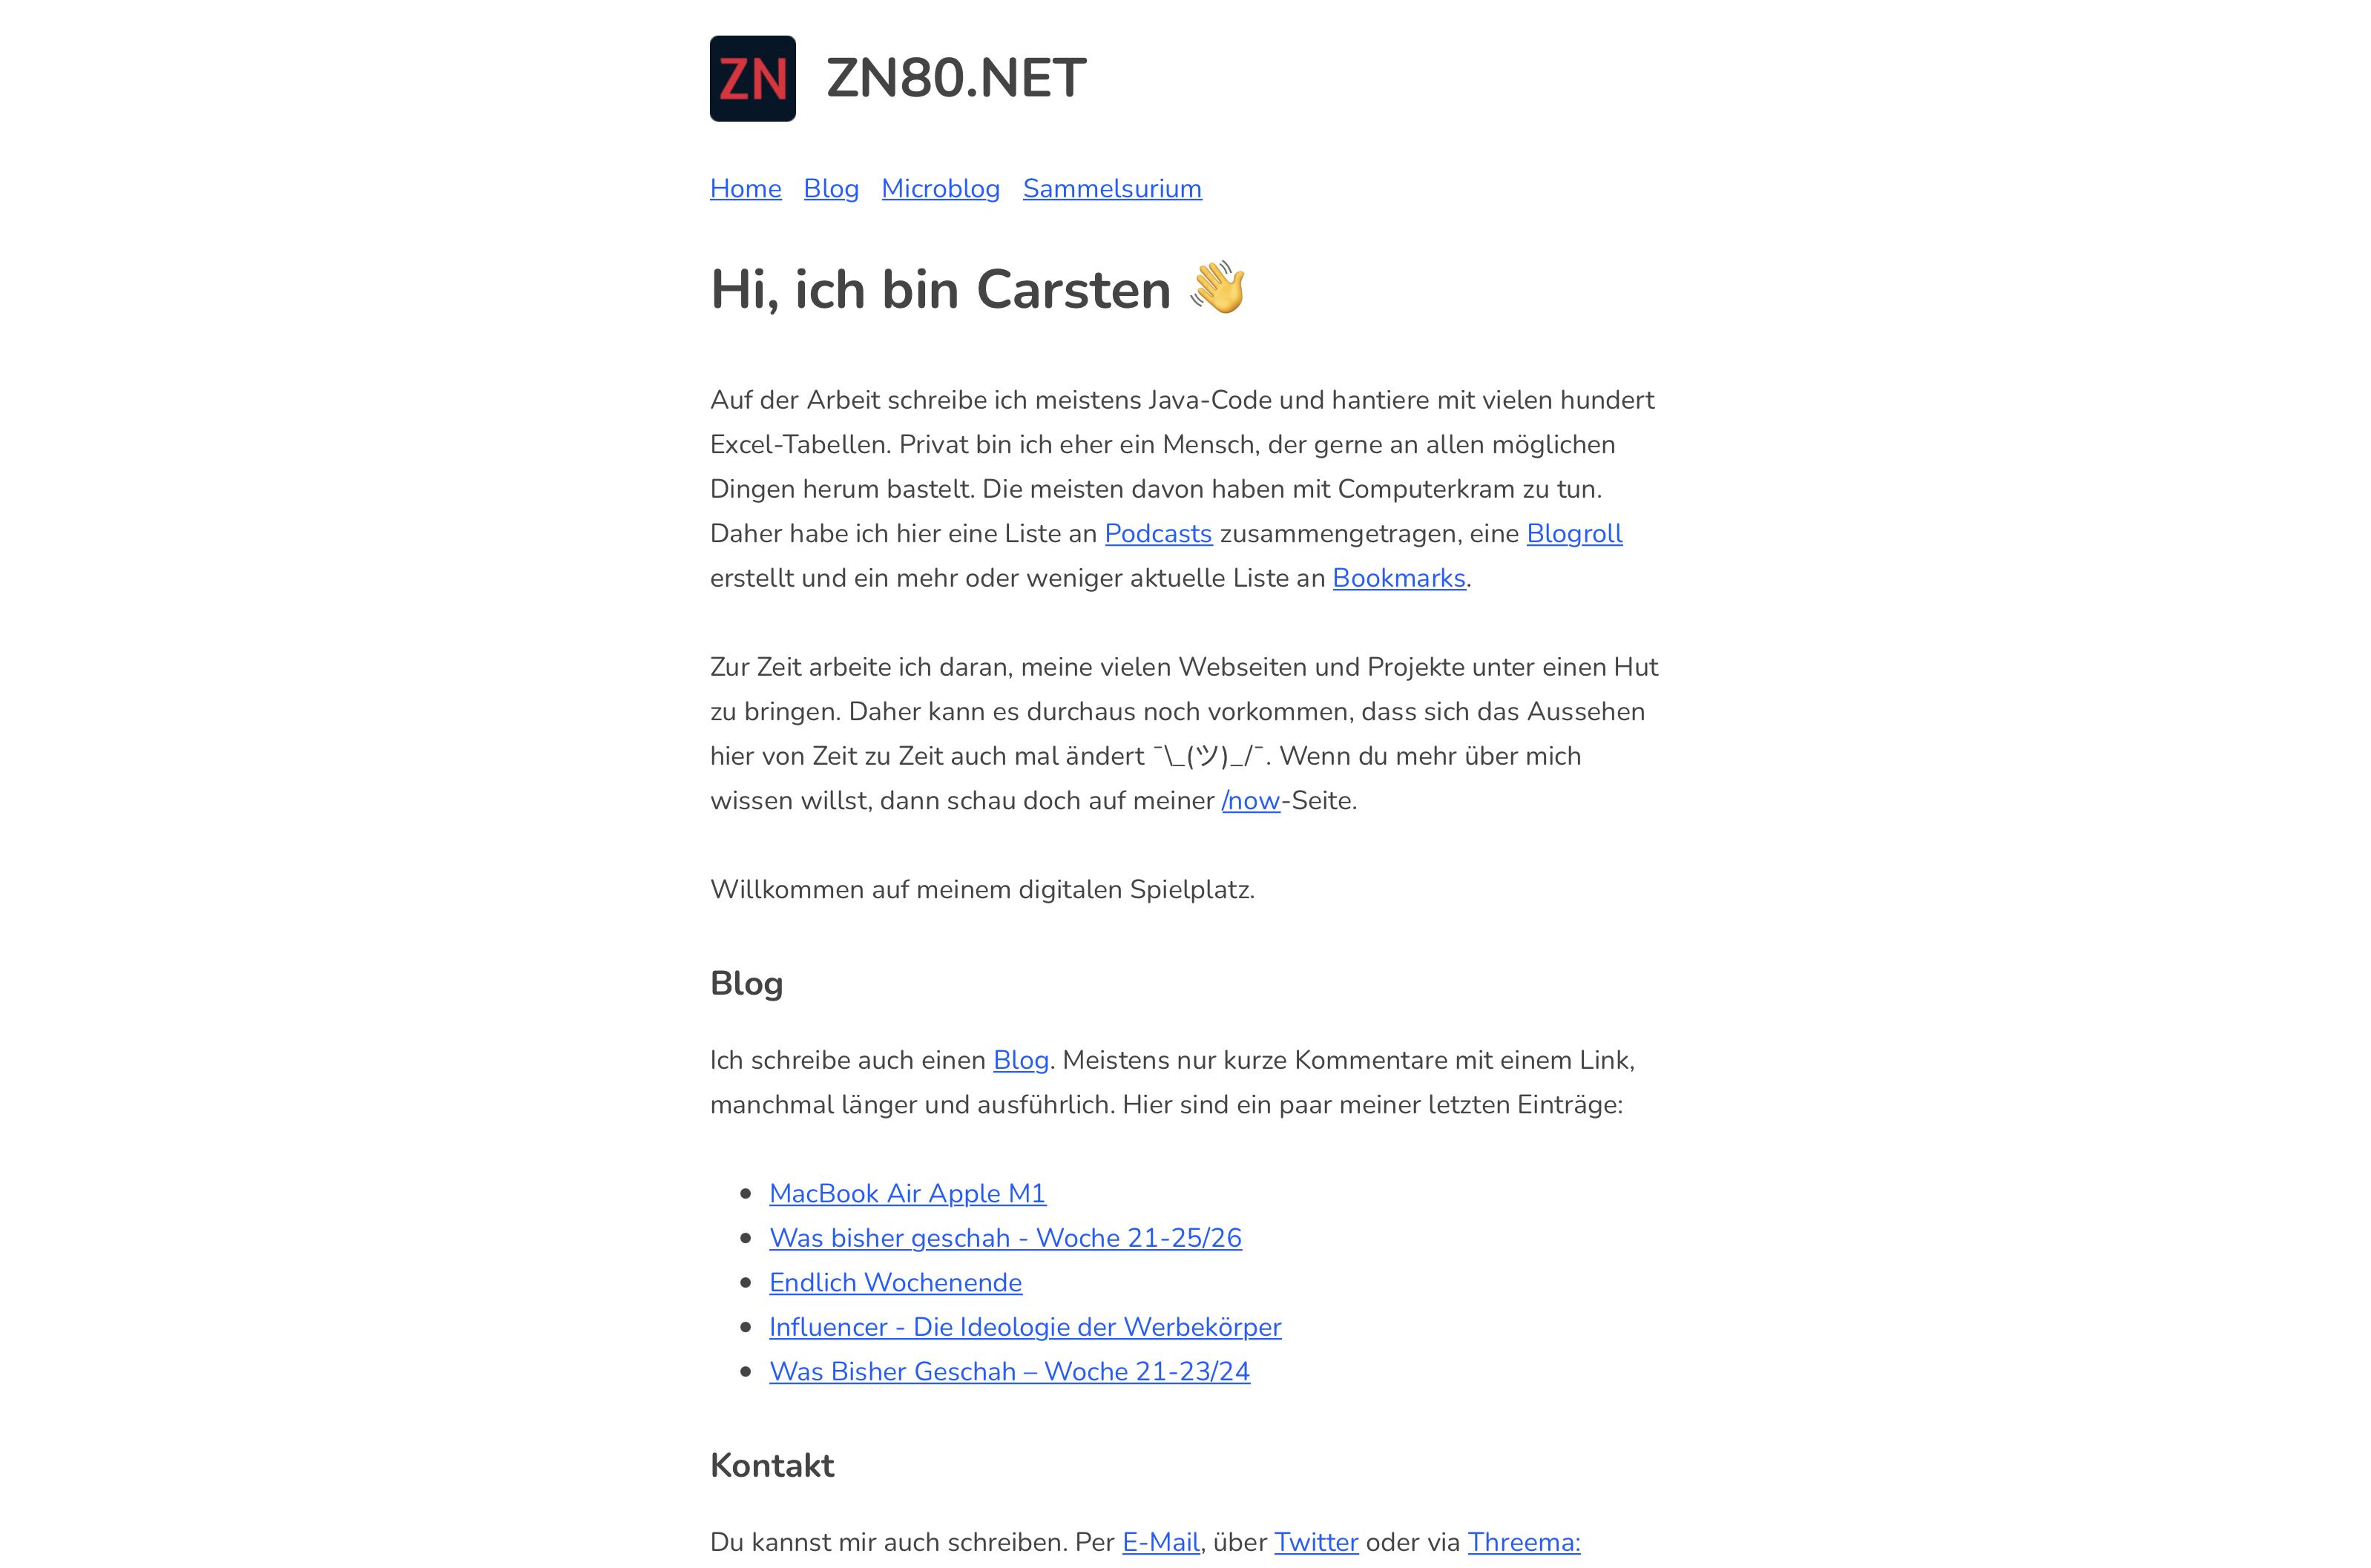 zn80.net